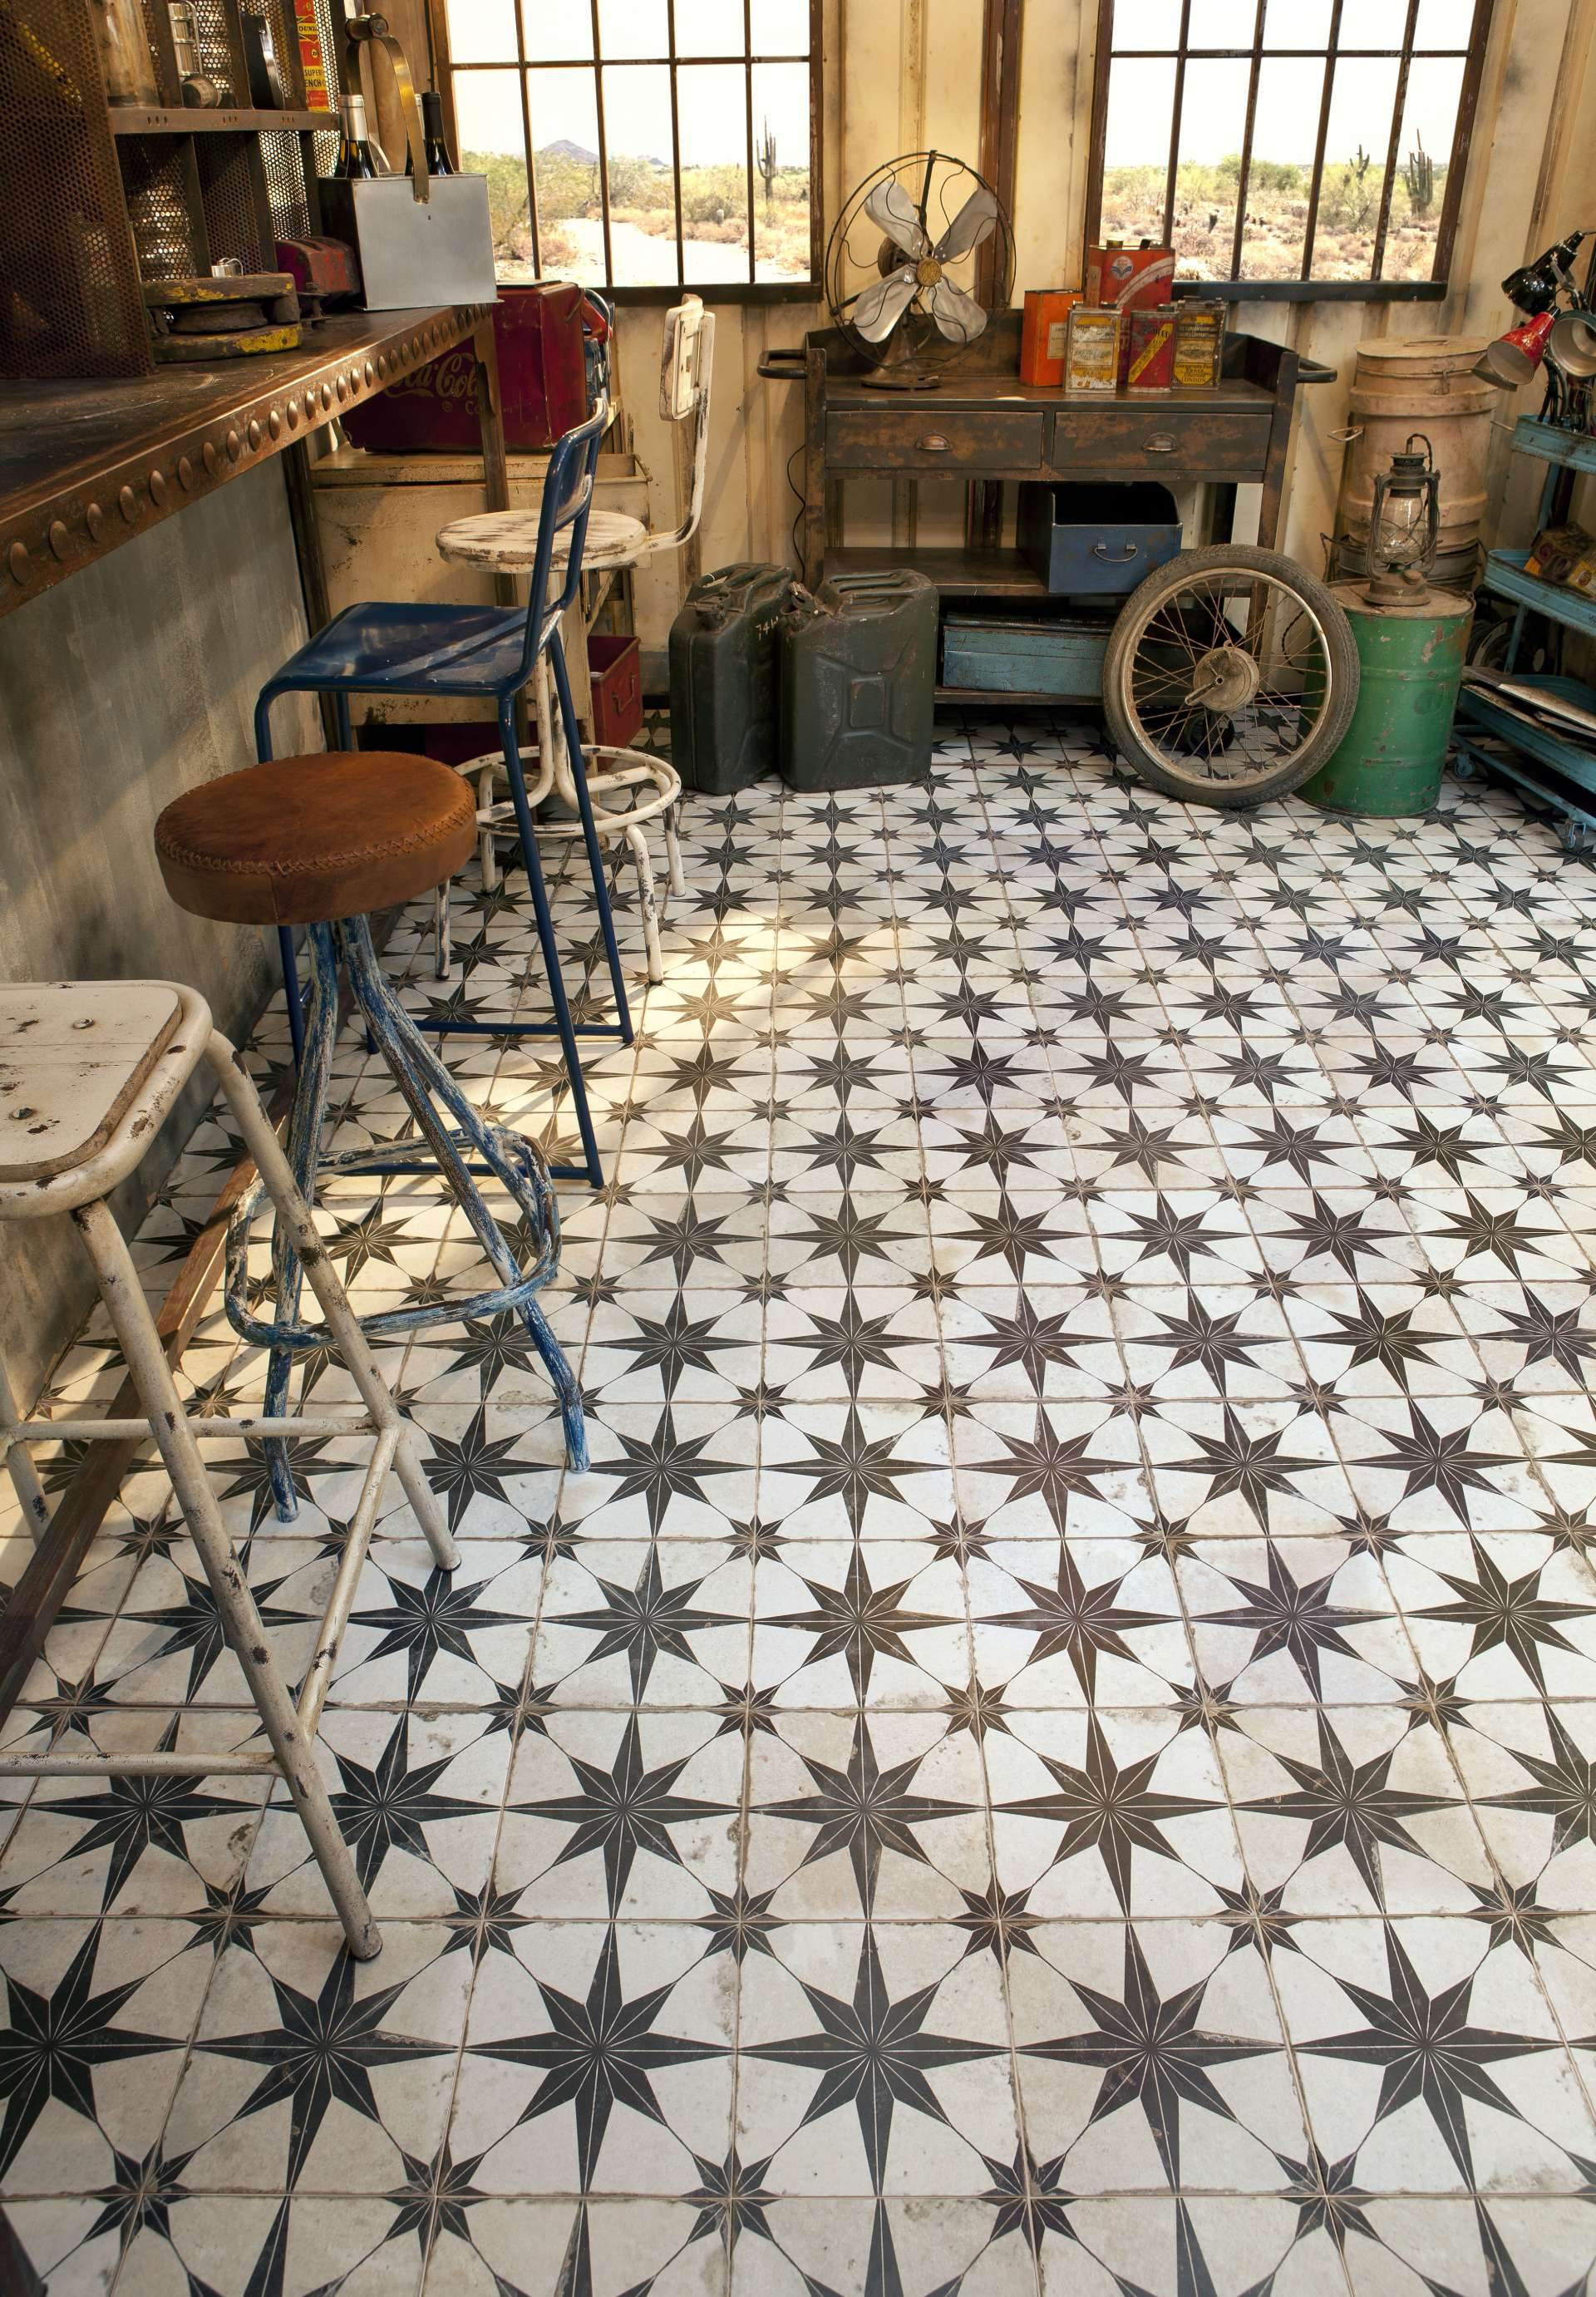 peronda fs star n 45x45 fliser klinker mosaik v gfliser. Black Bedroom Furniture Sets. Home Design Ideas